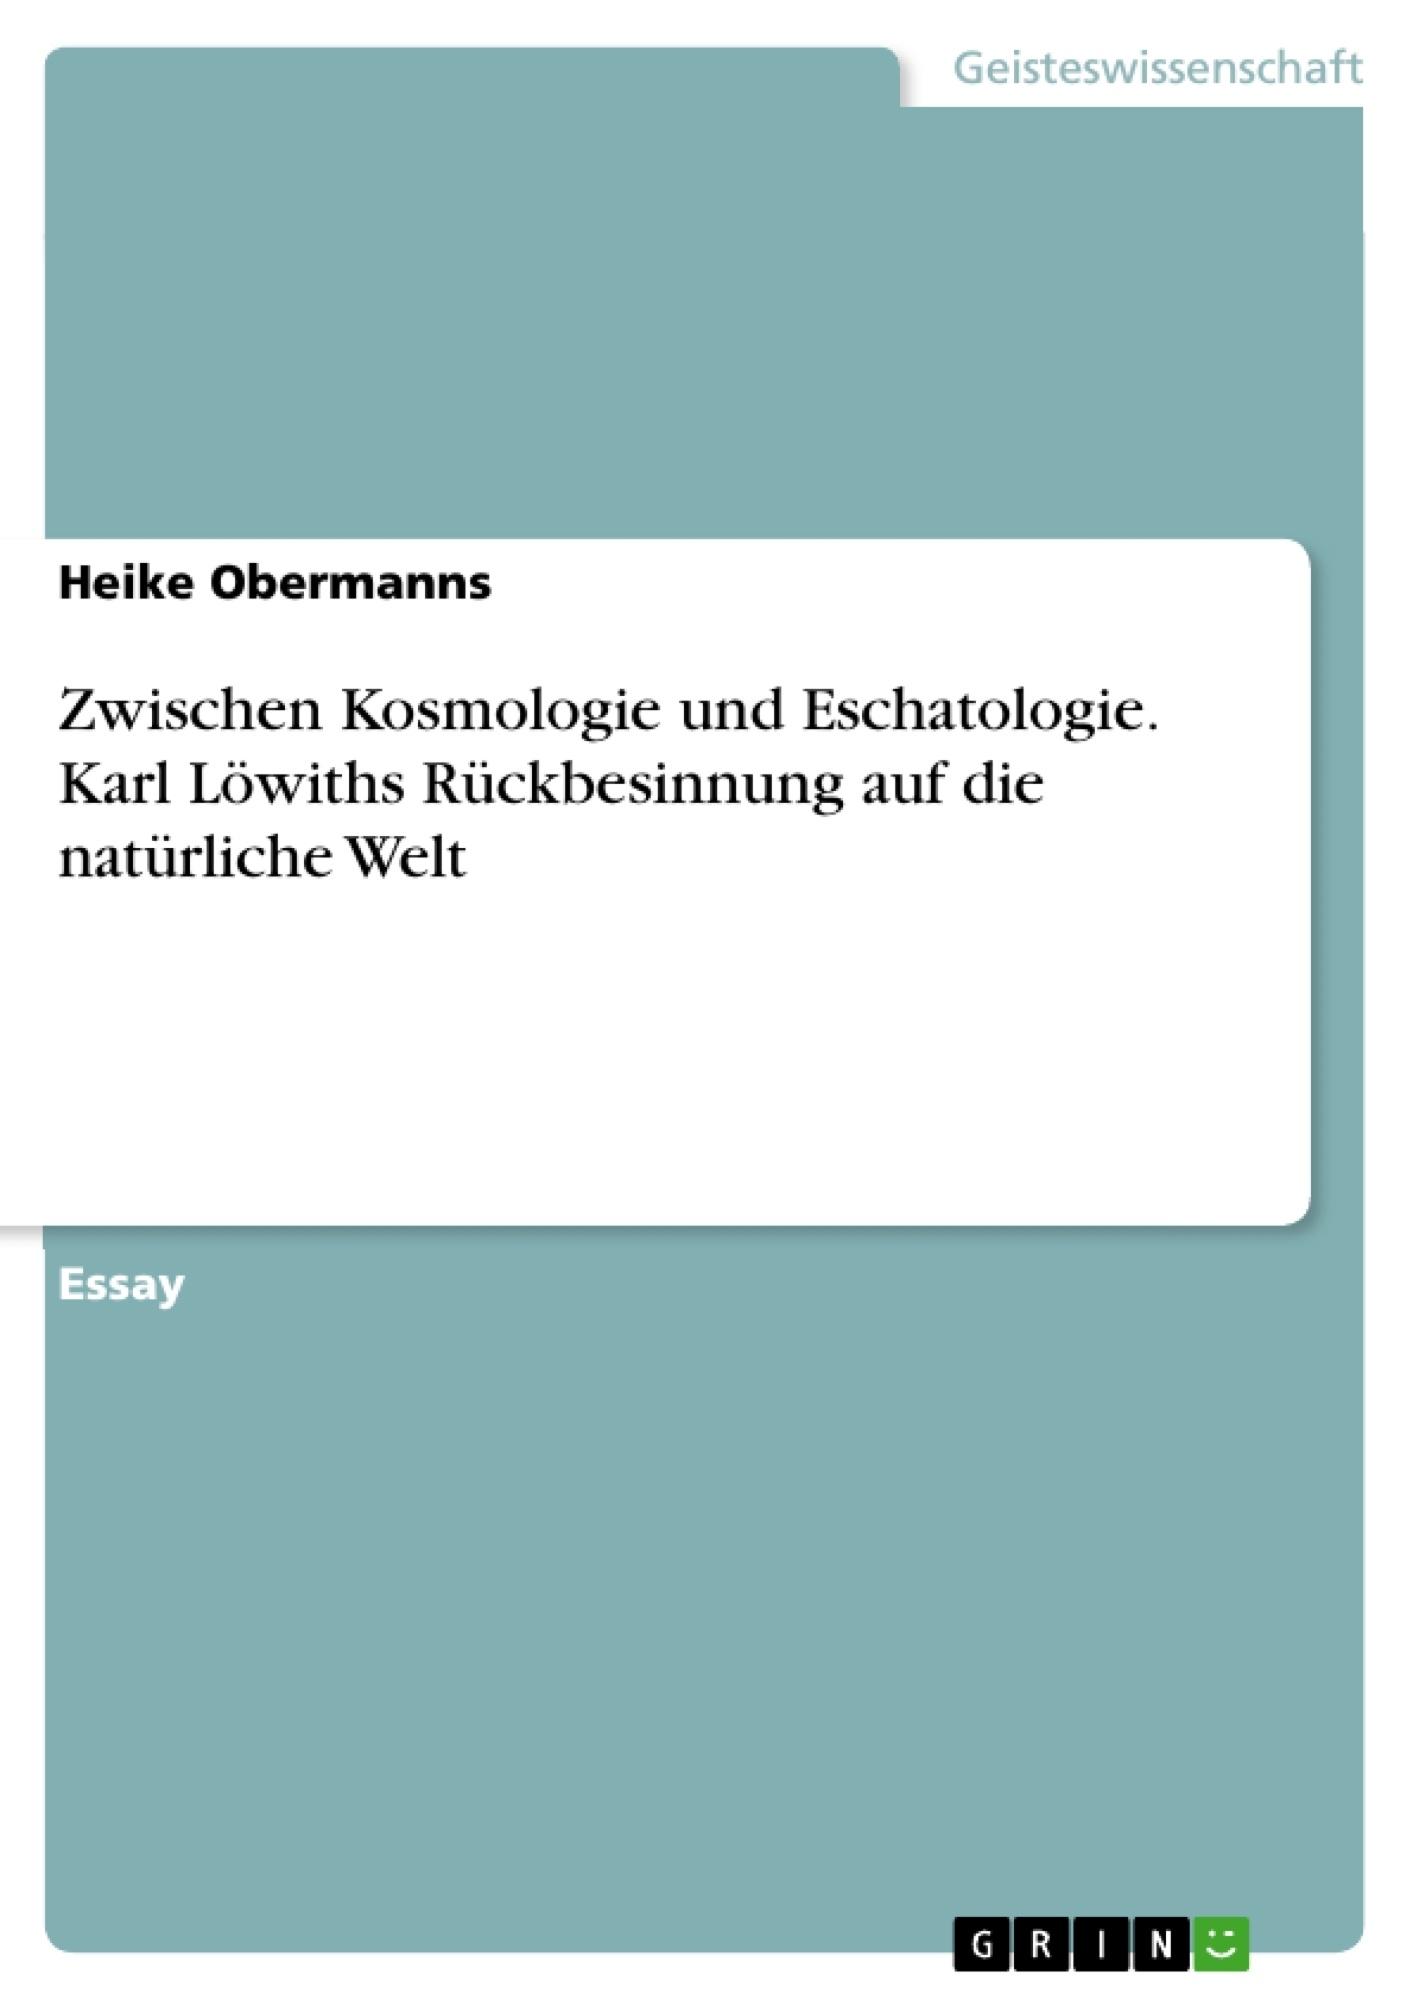 Titel: Zwischen Kosmologie und Eschatologie. Karl Löwiths Rückbesinnung auf die natürliche Welt